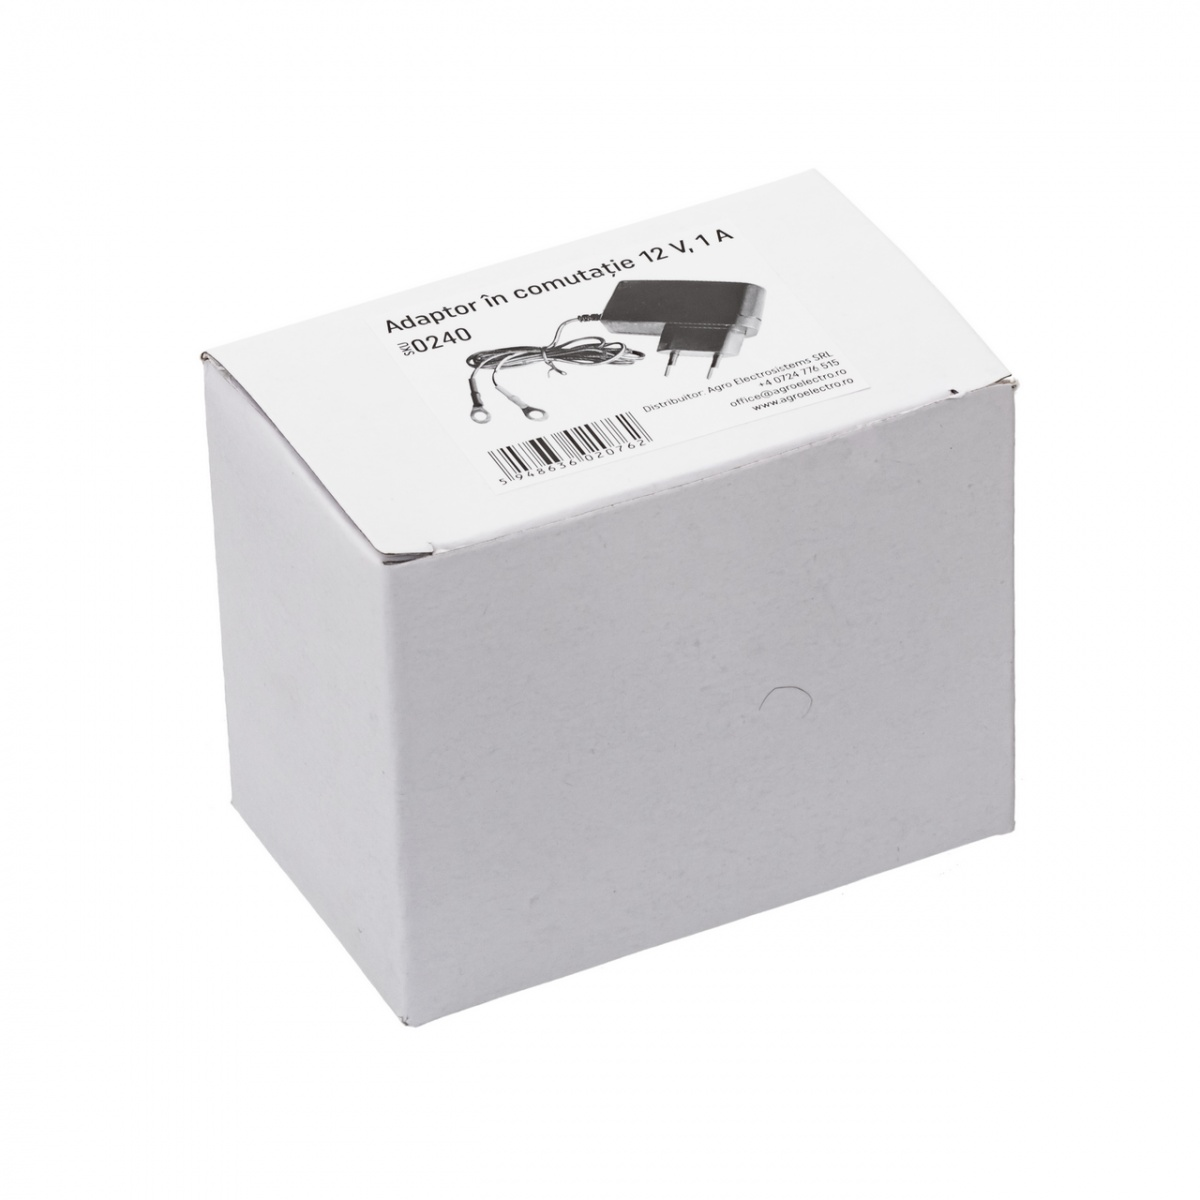 Hálózati adapter, 230/12V, kapcsolóüzemű tápegység